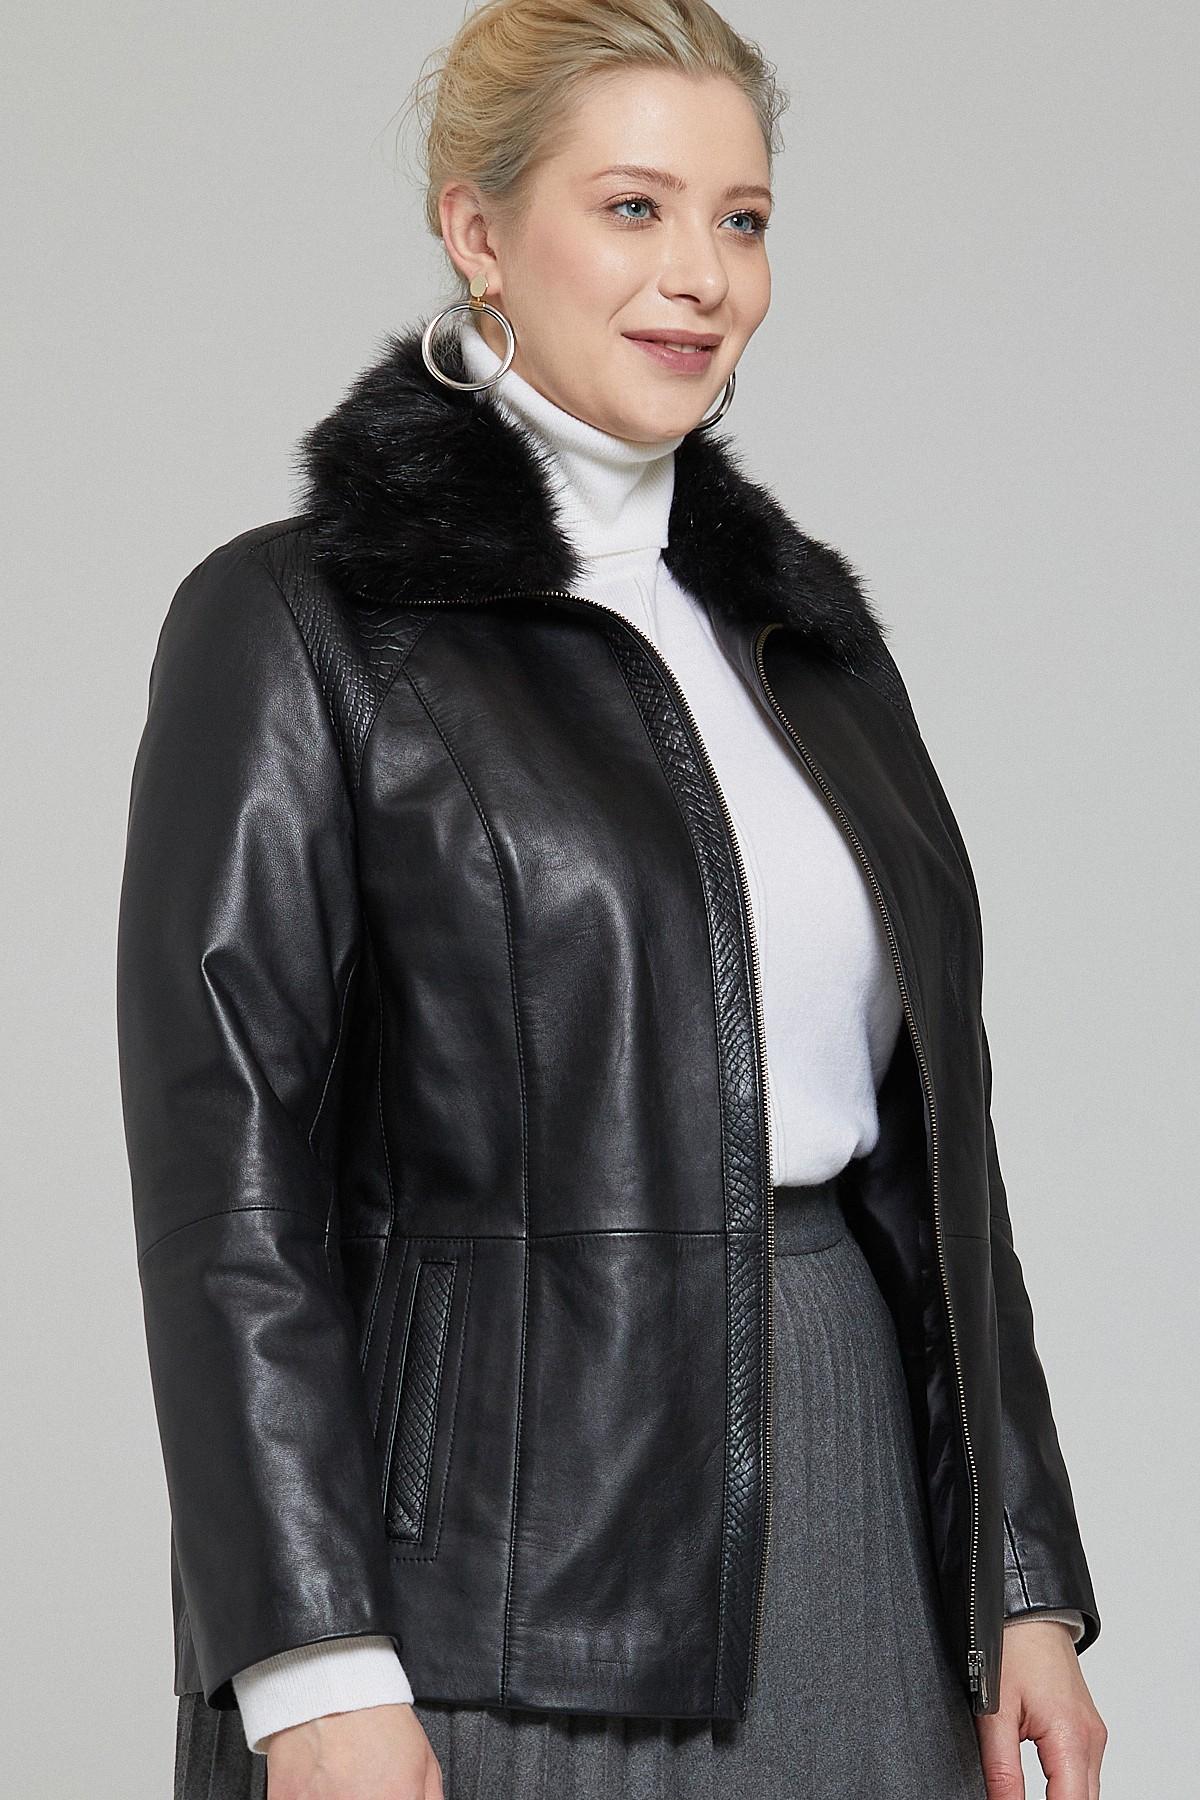 Lambskin Jacket Women's